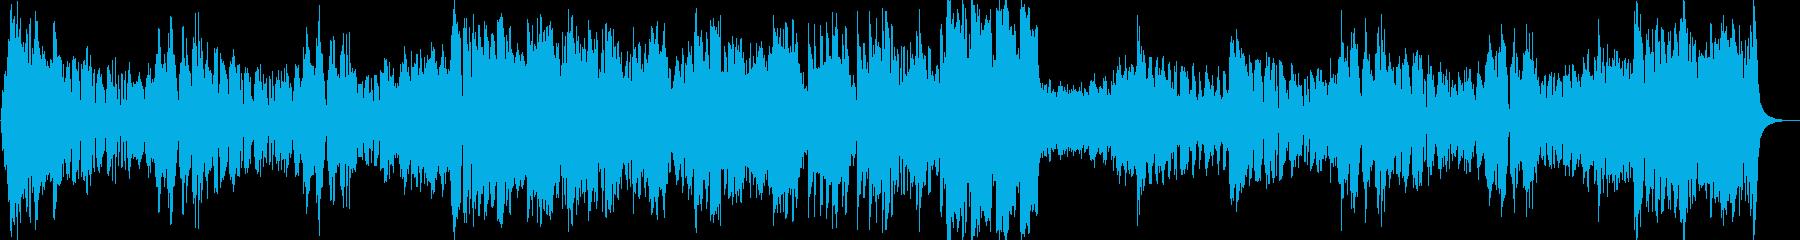 ファンファーレから始まるお城BGMの再生済みの波形